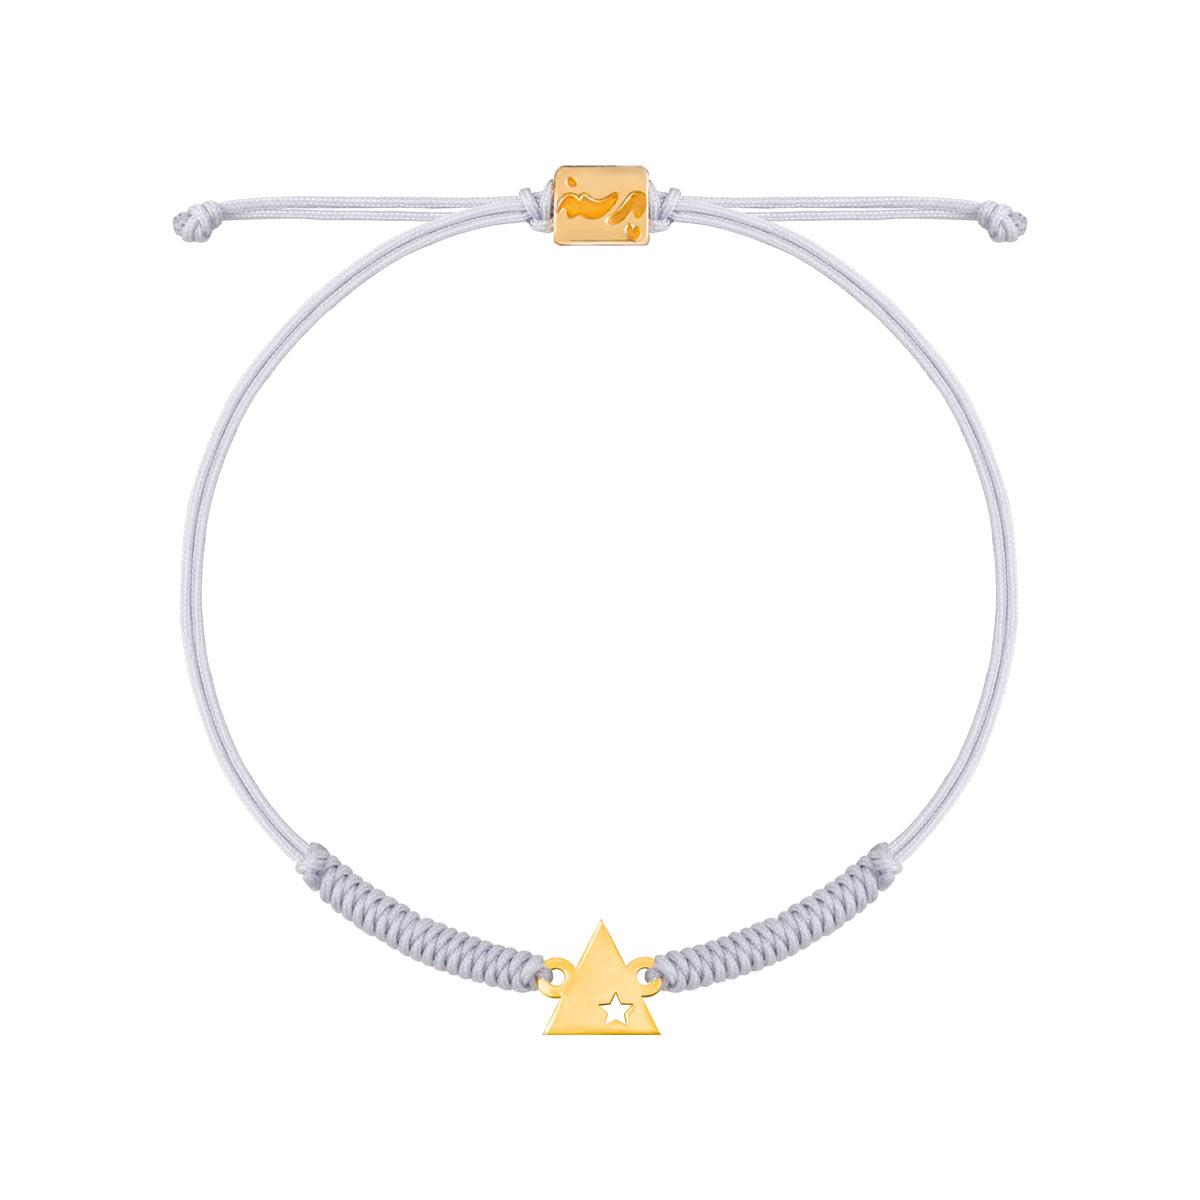 دستبند طلا بافت مثلث ستاره دار |parasteh